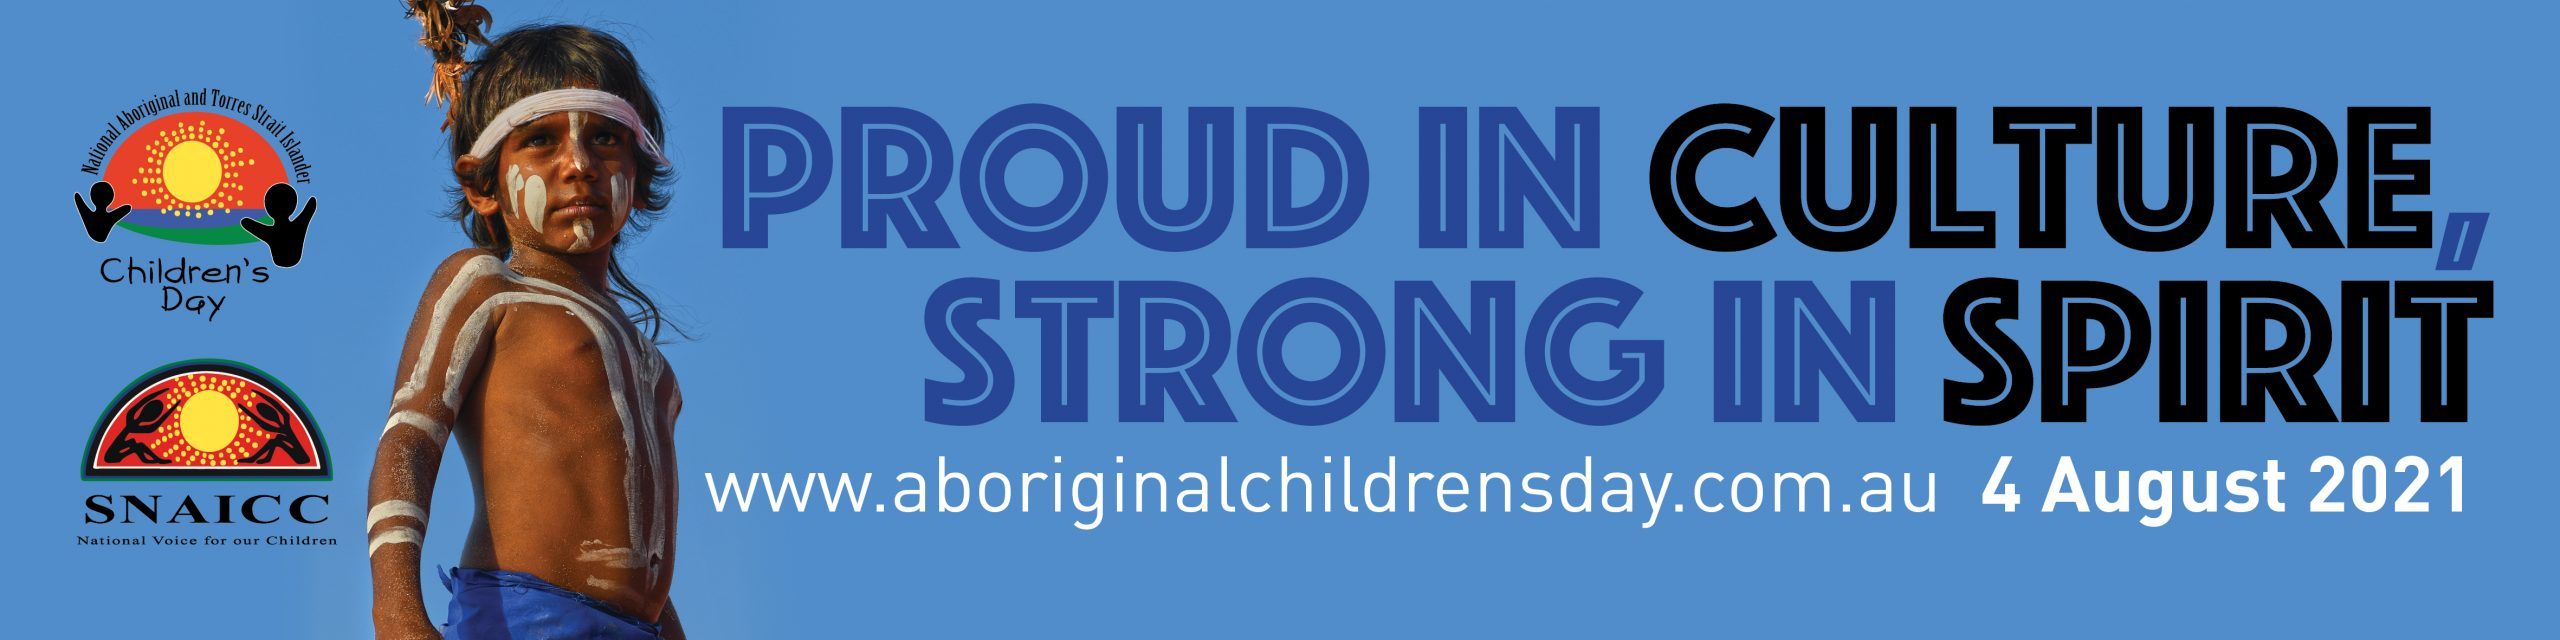 Children's Day 2021 banner